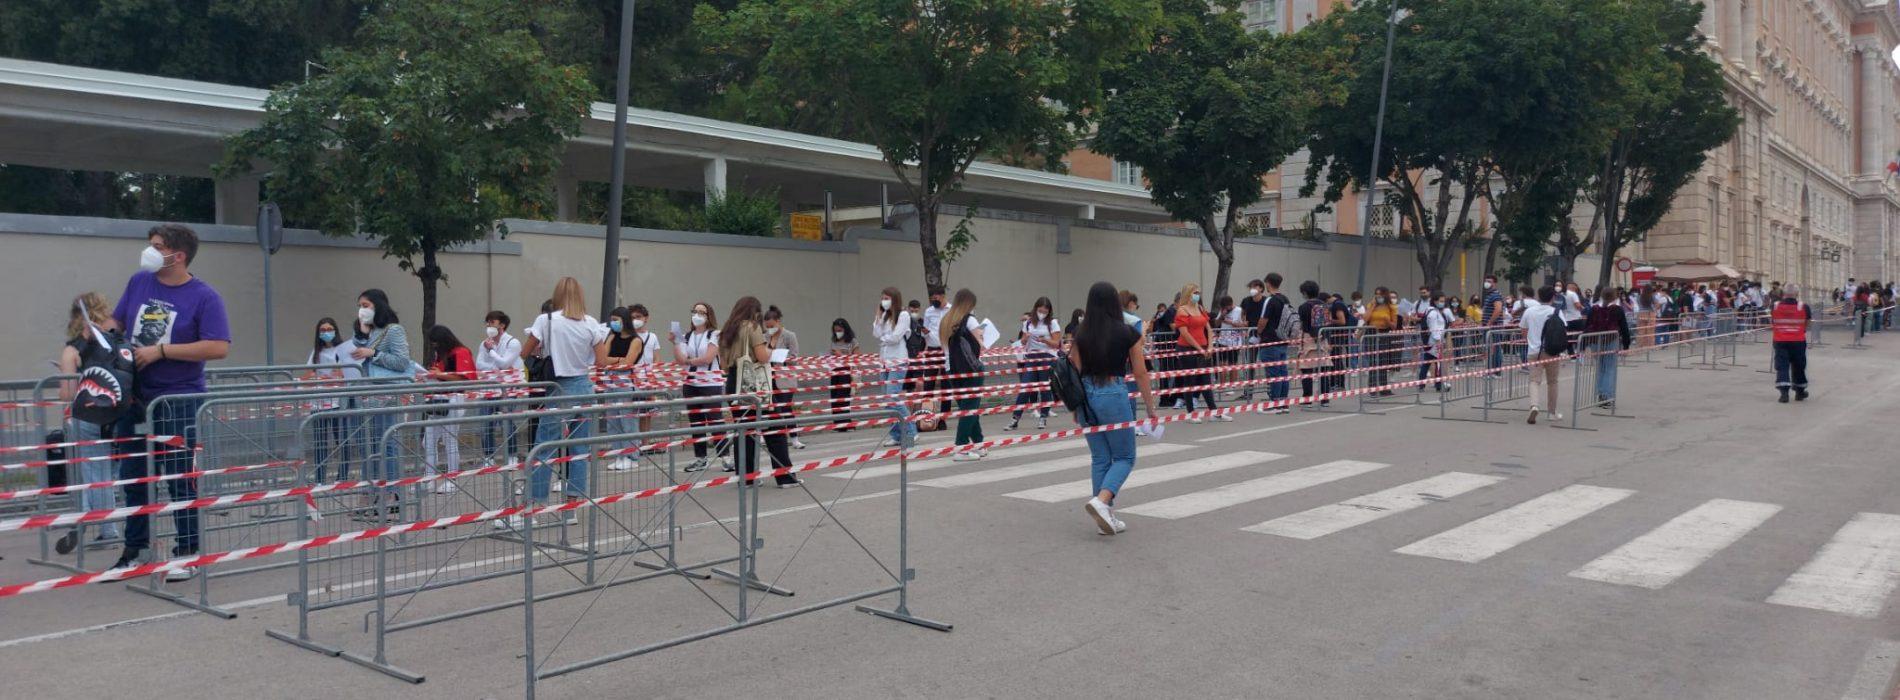 Futuri medici al via, tutti in fila davanti alla Reggia per i test